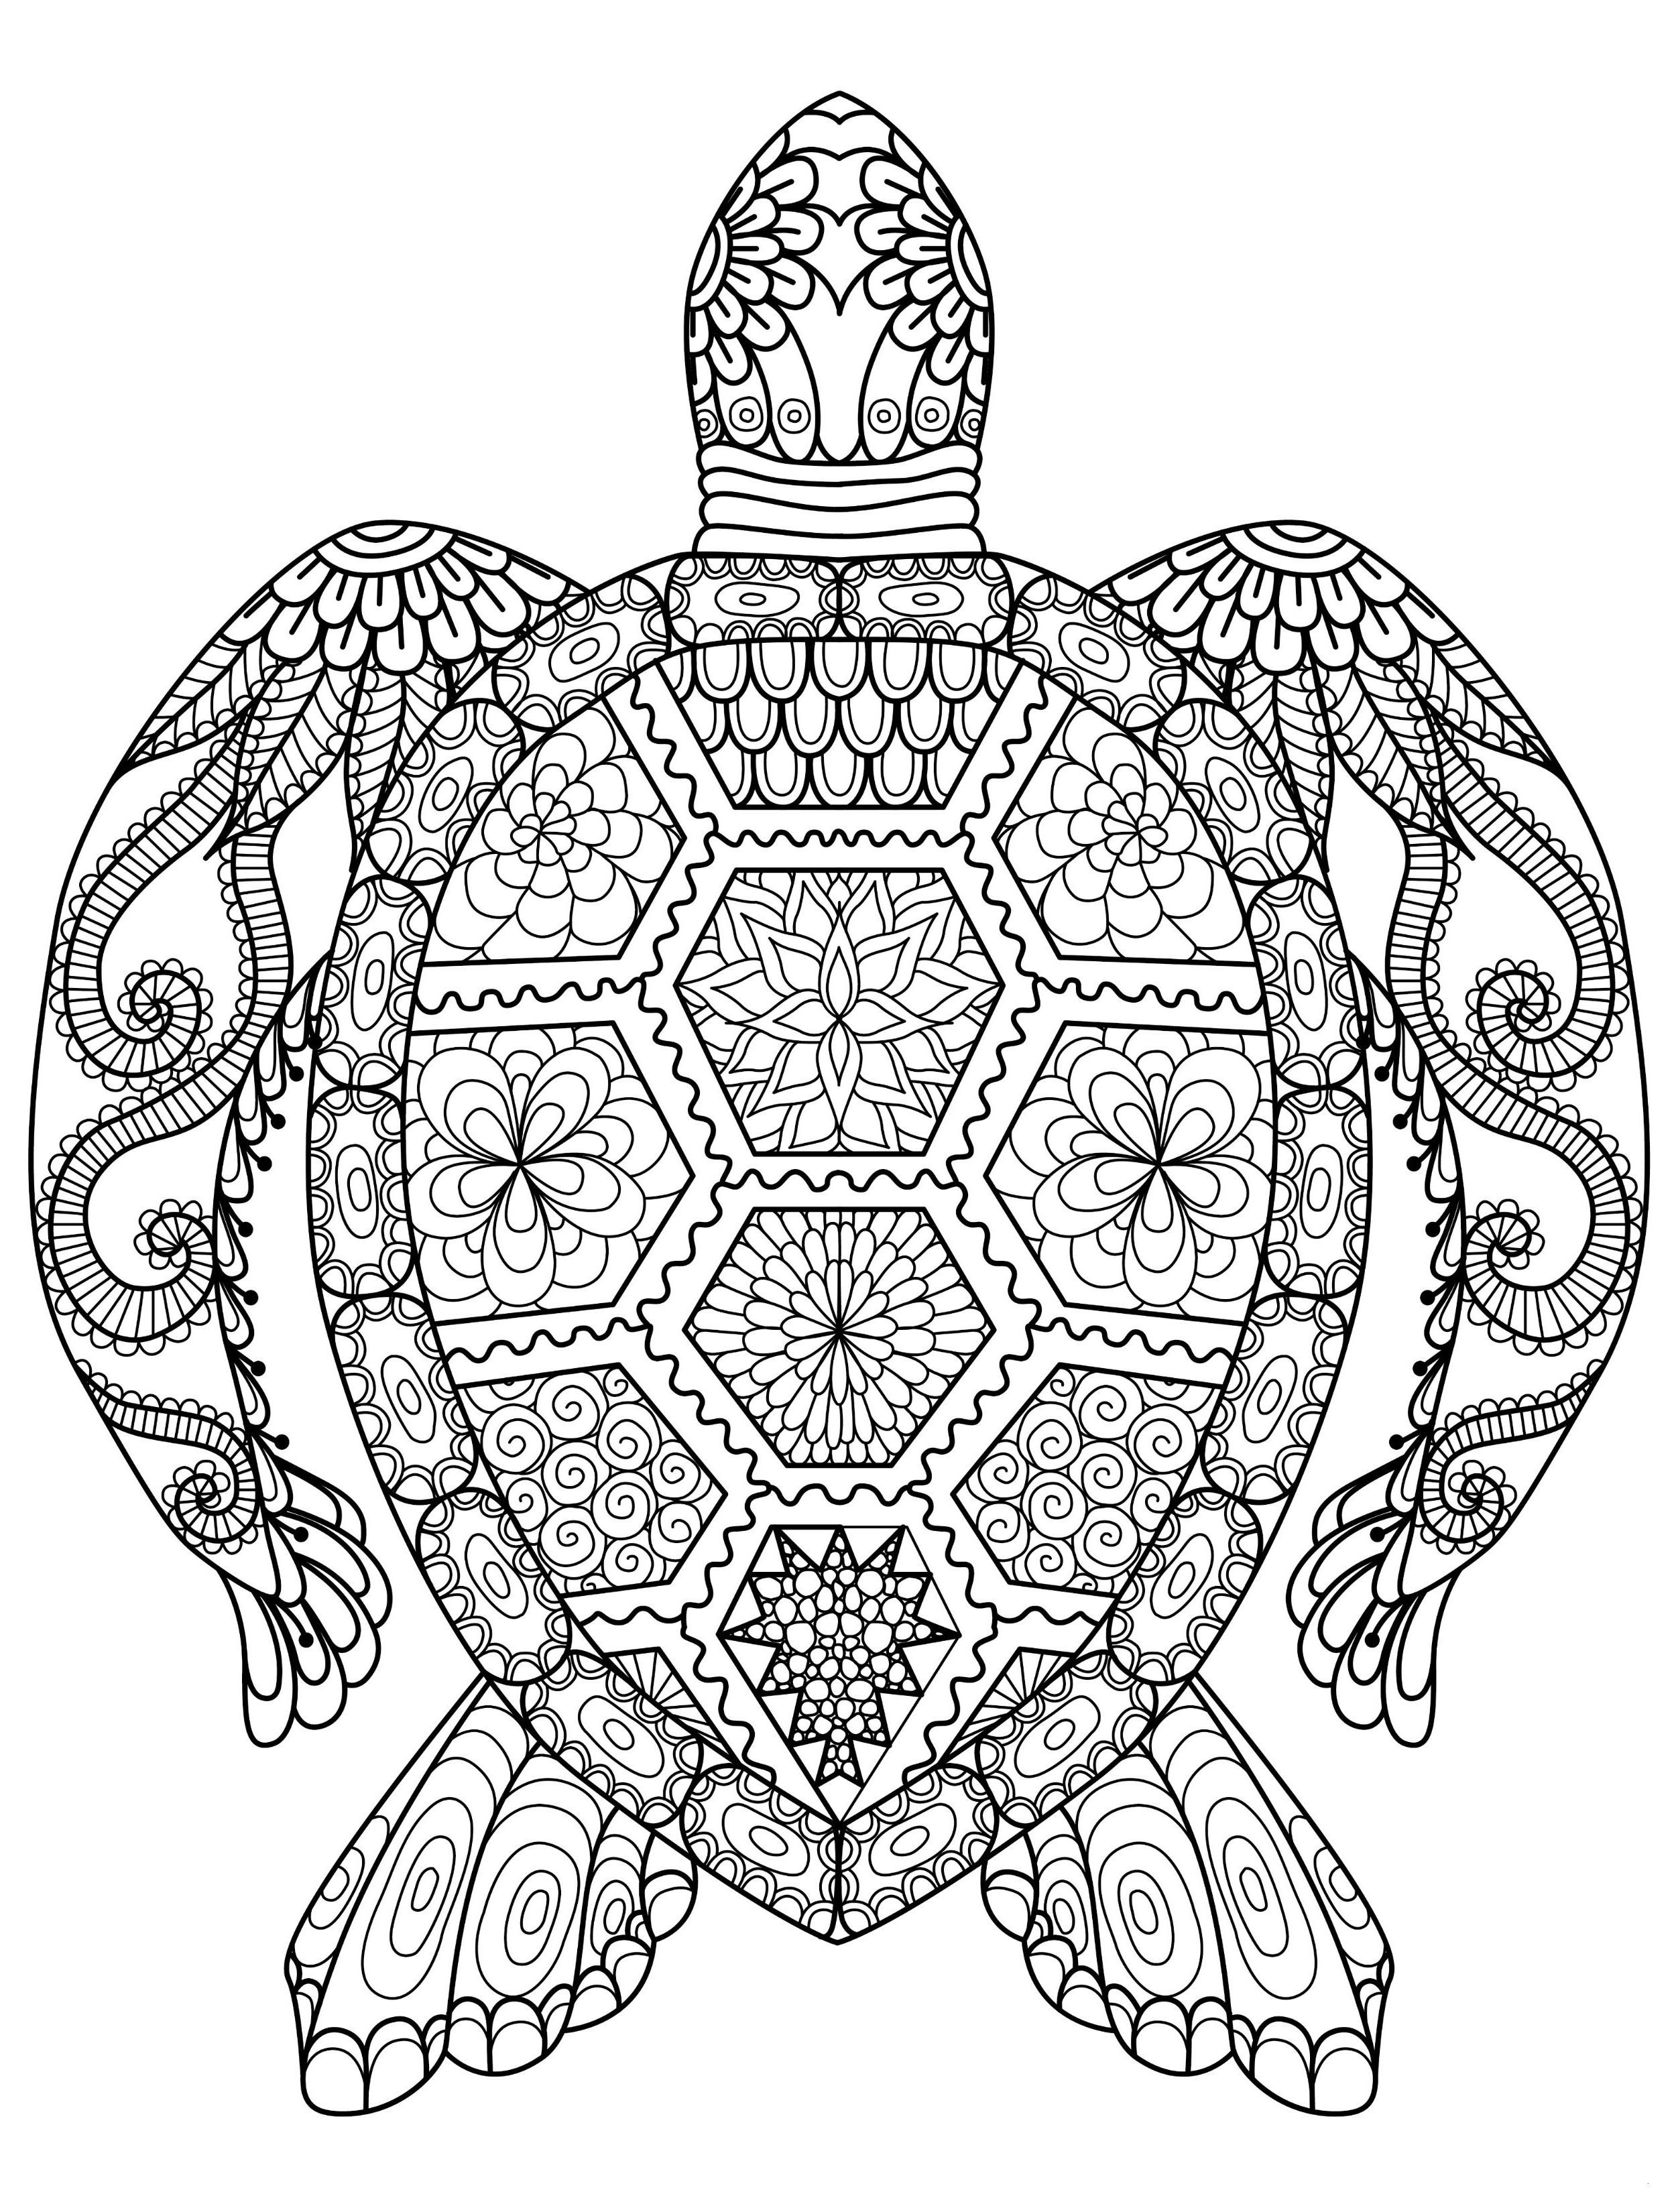 Ausmalbild Mandala Eule Neu 23 Einzigartig Eule Ausmalen – Malvorlagen Ideen Bilder